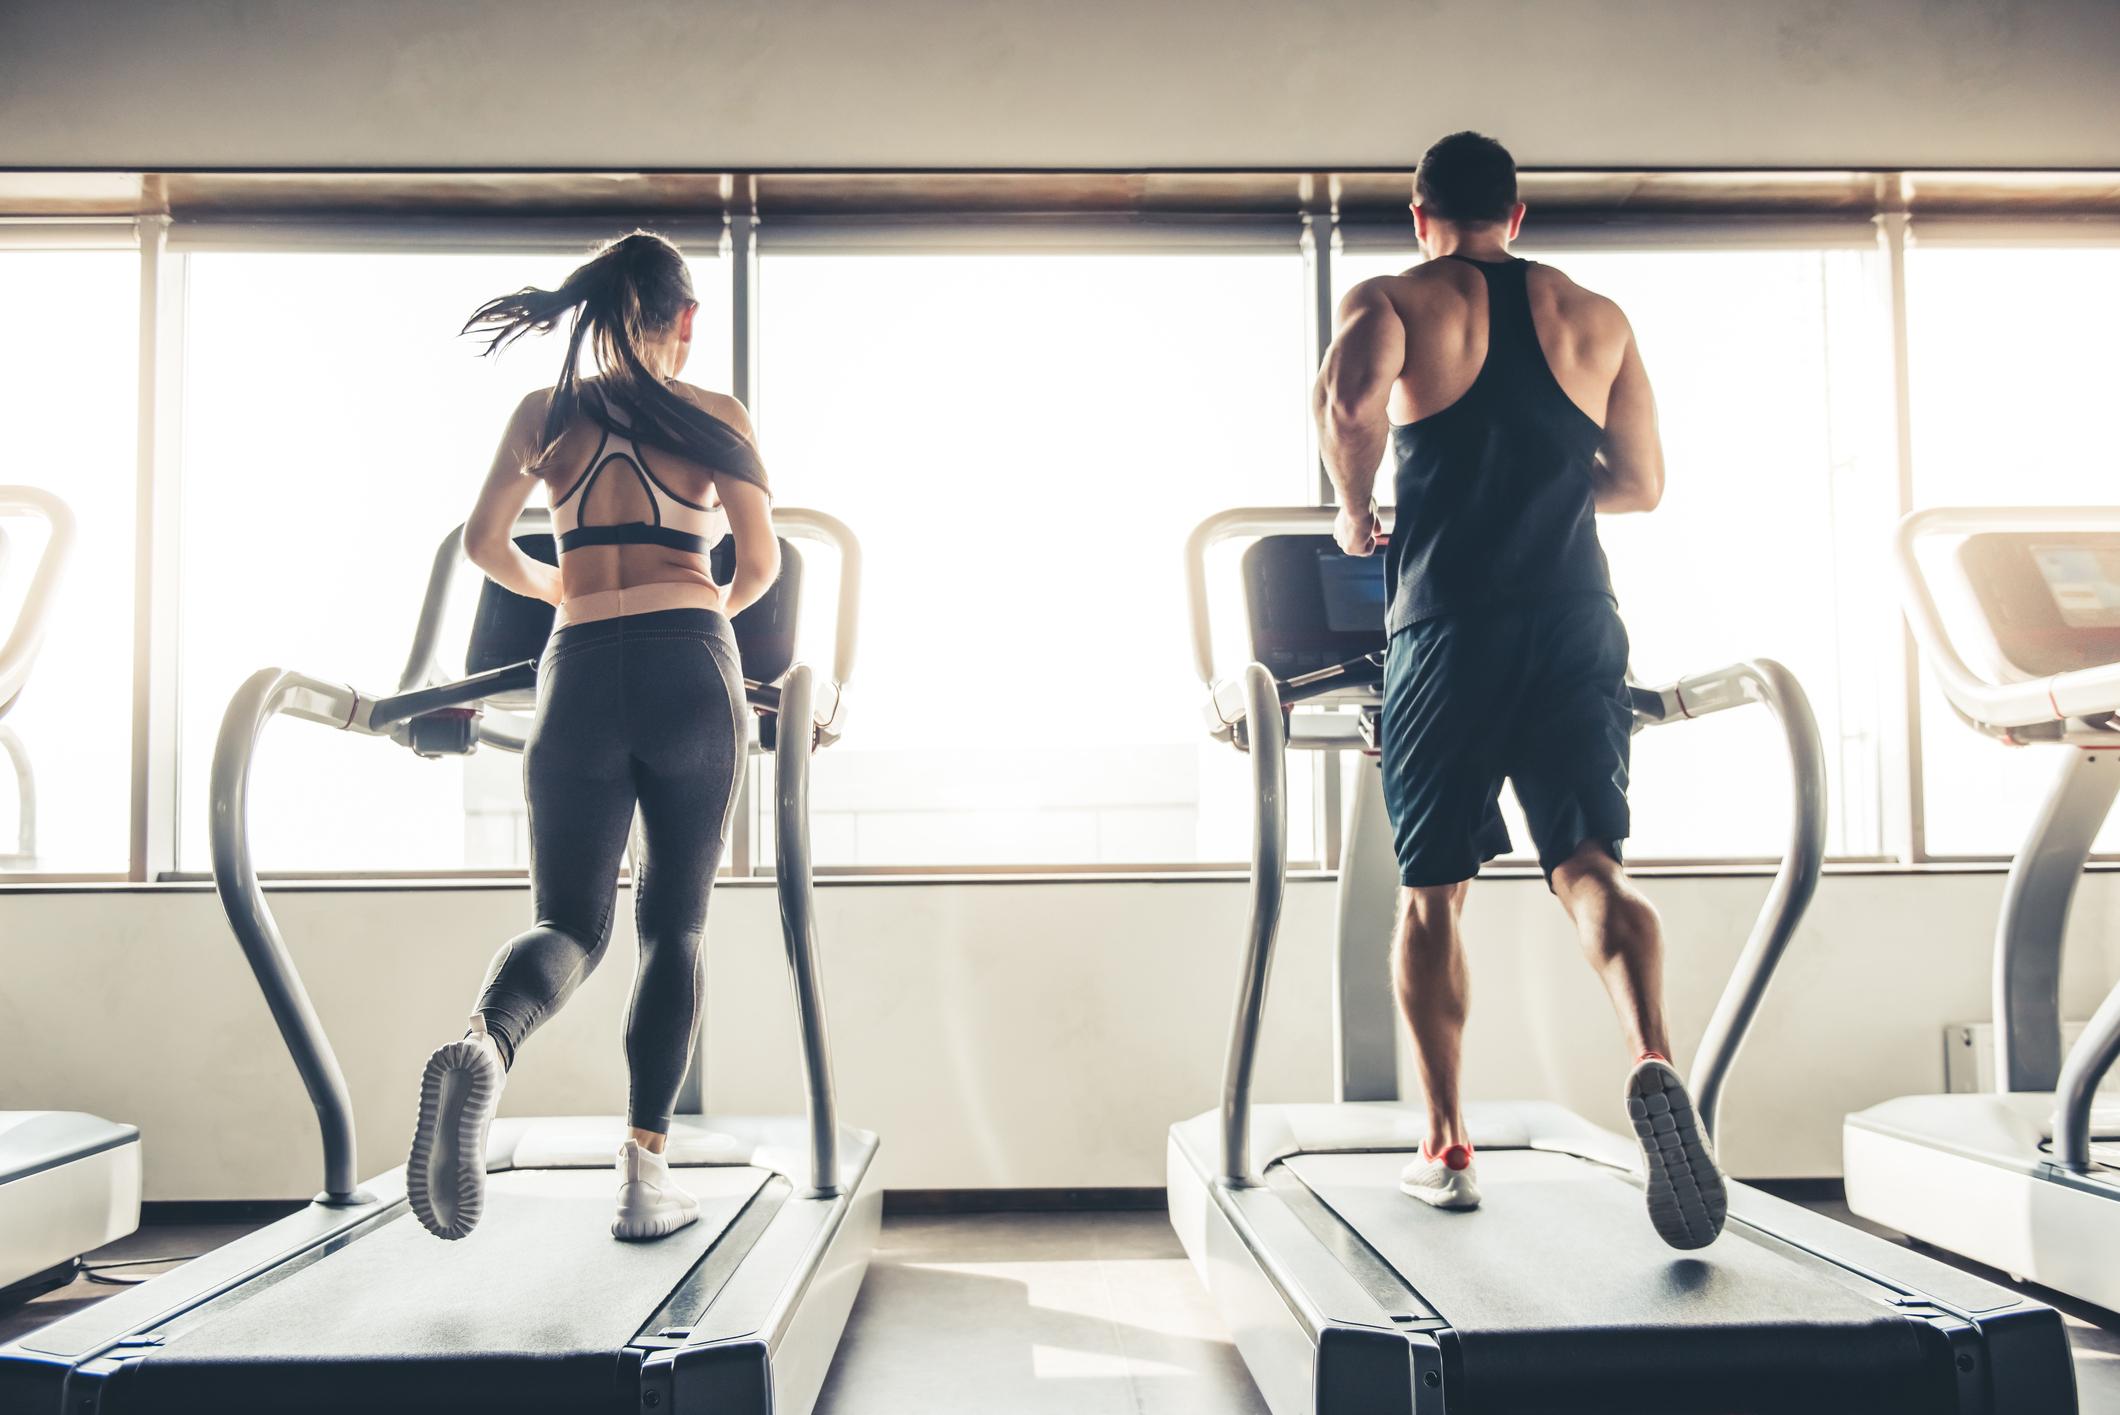 lista de objetivos: hacer ejercicio